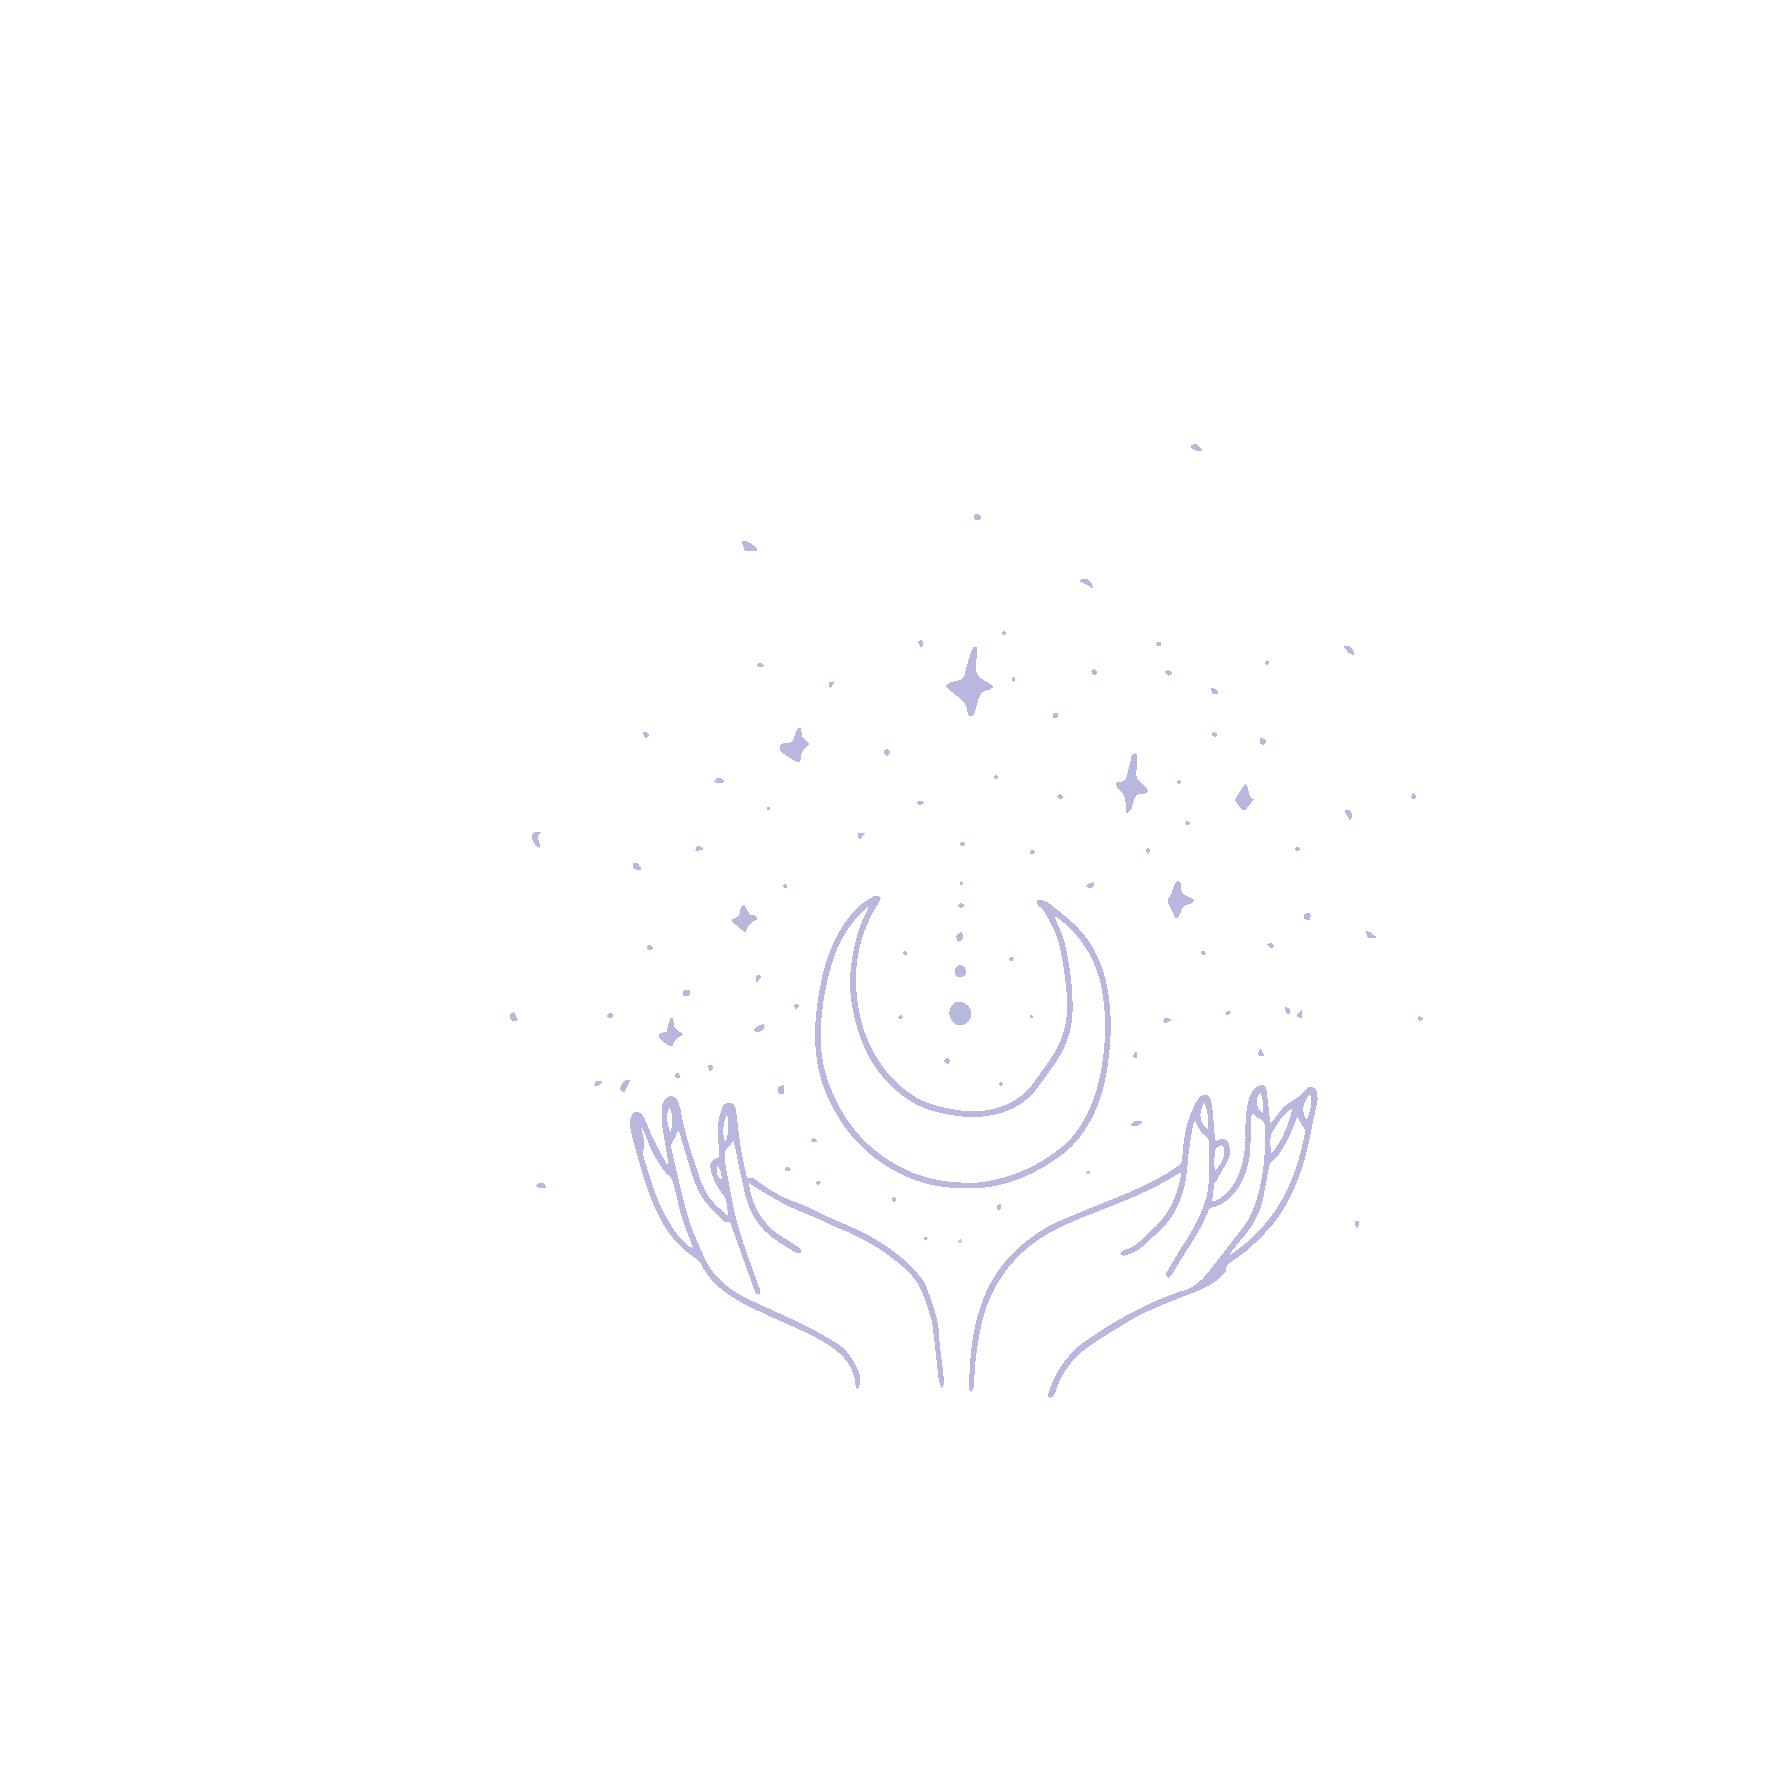 crescent-moon-hands-lilac.png